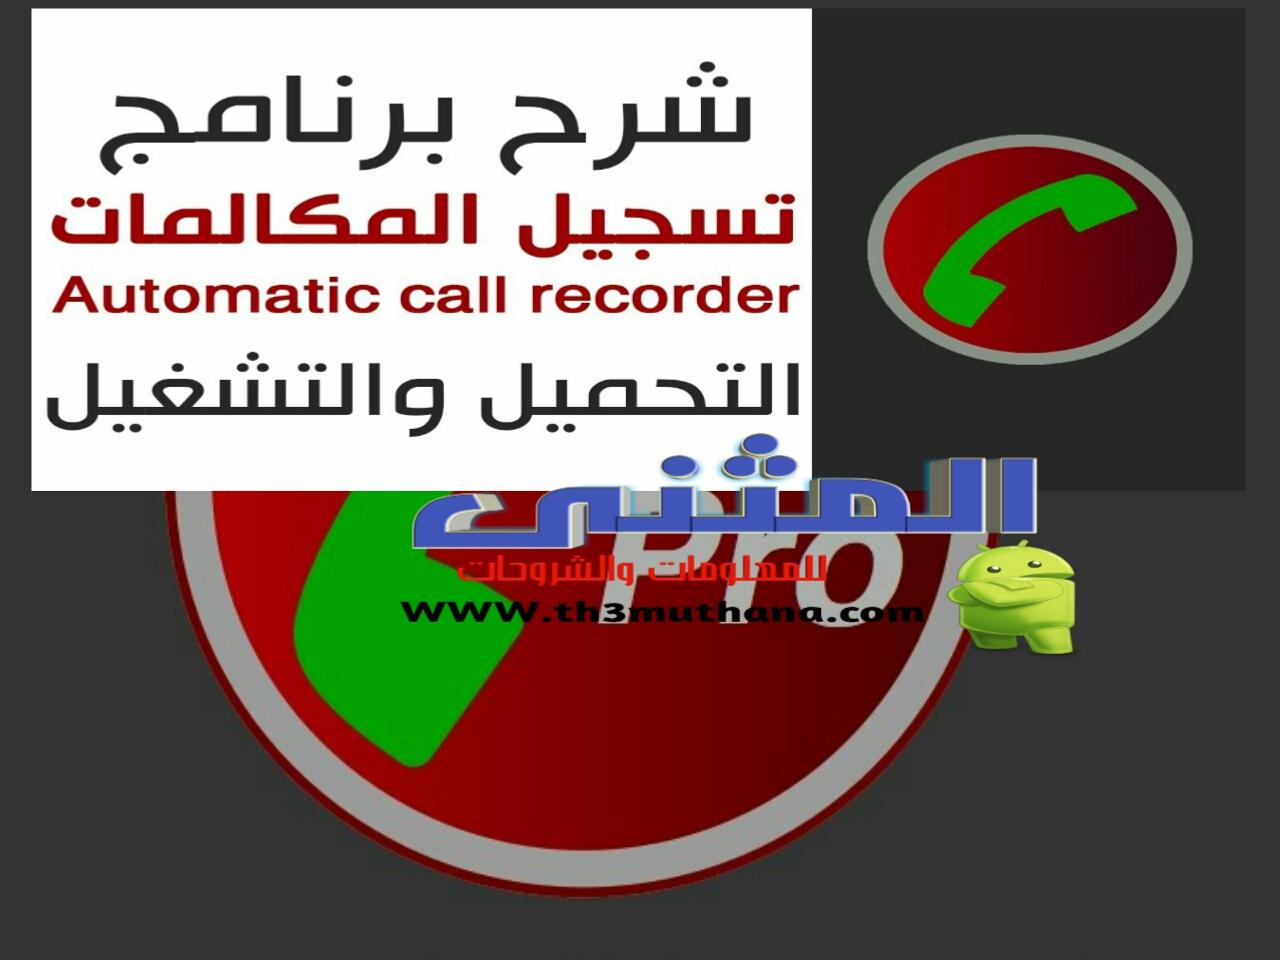 تحميل برنامج تسجيل المكالمات الهاتفية